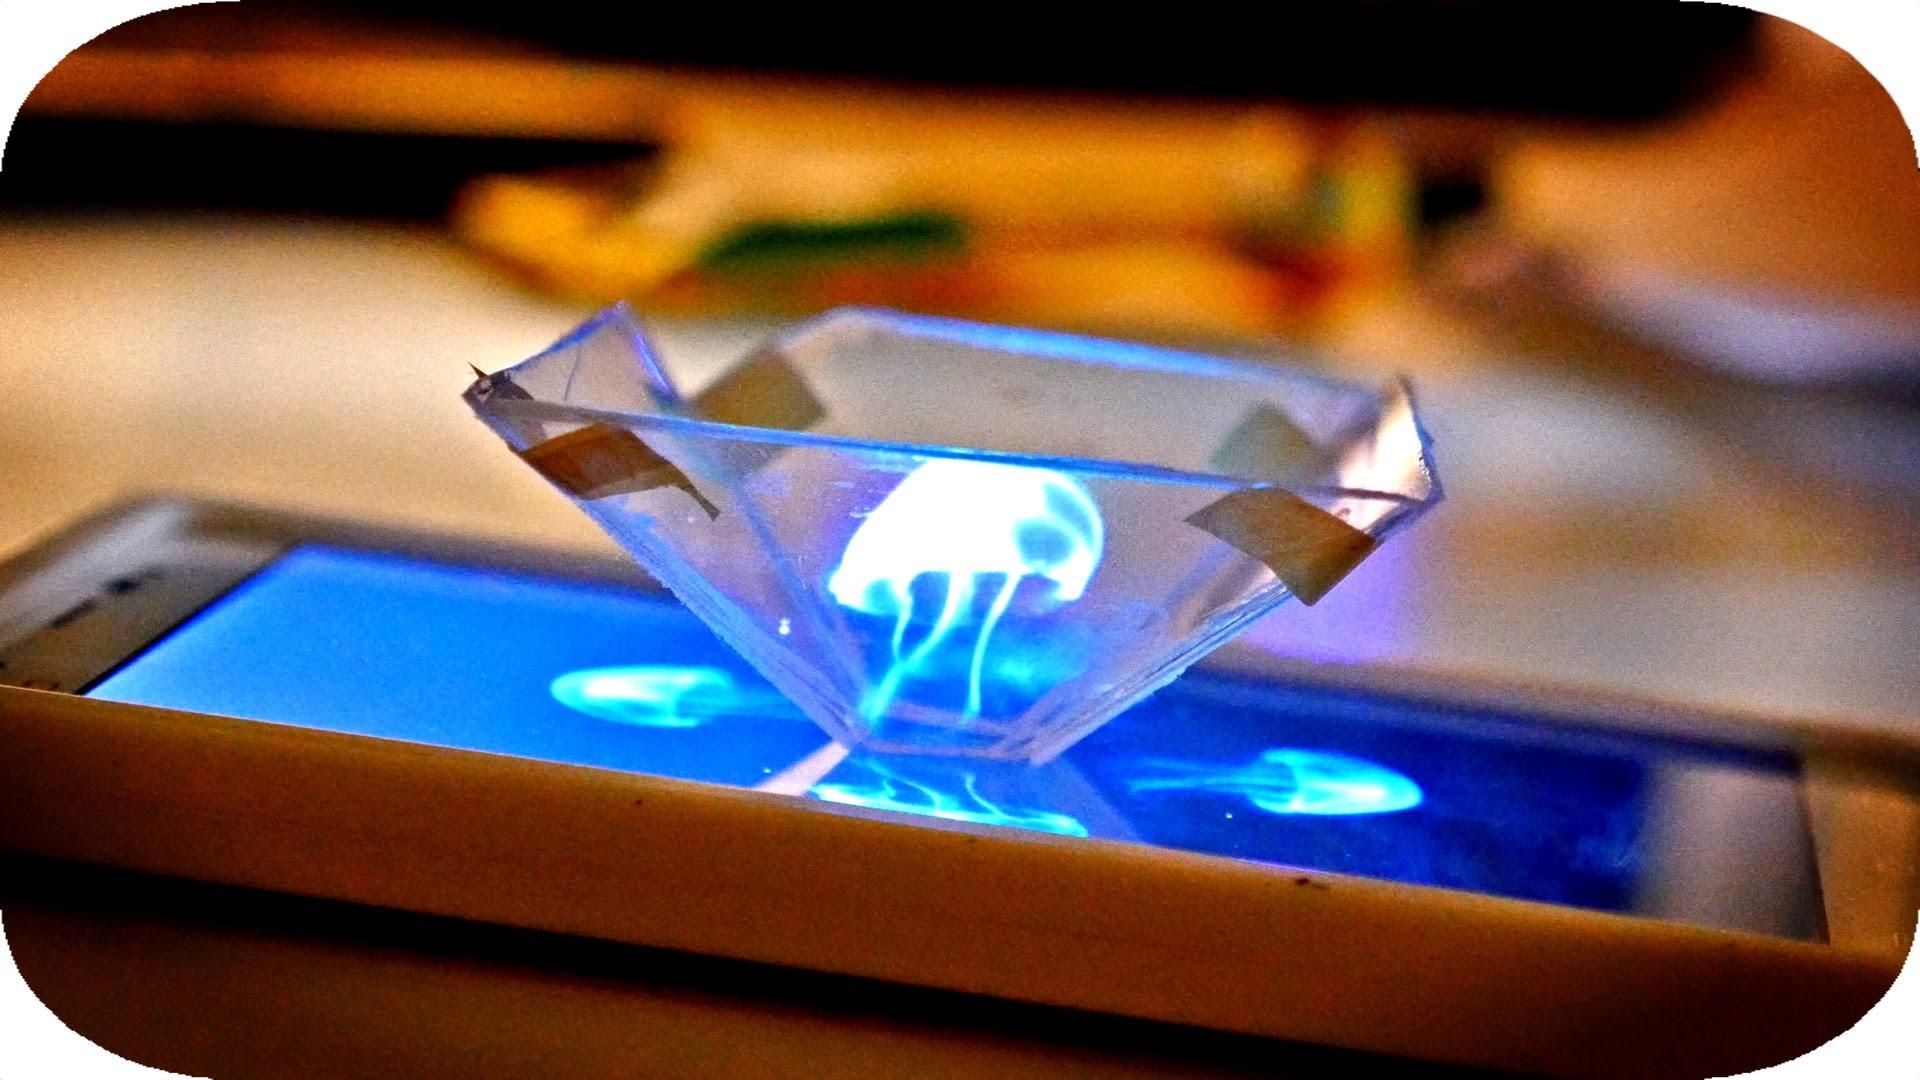 CDケースで3D映像を作る